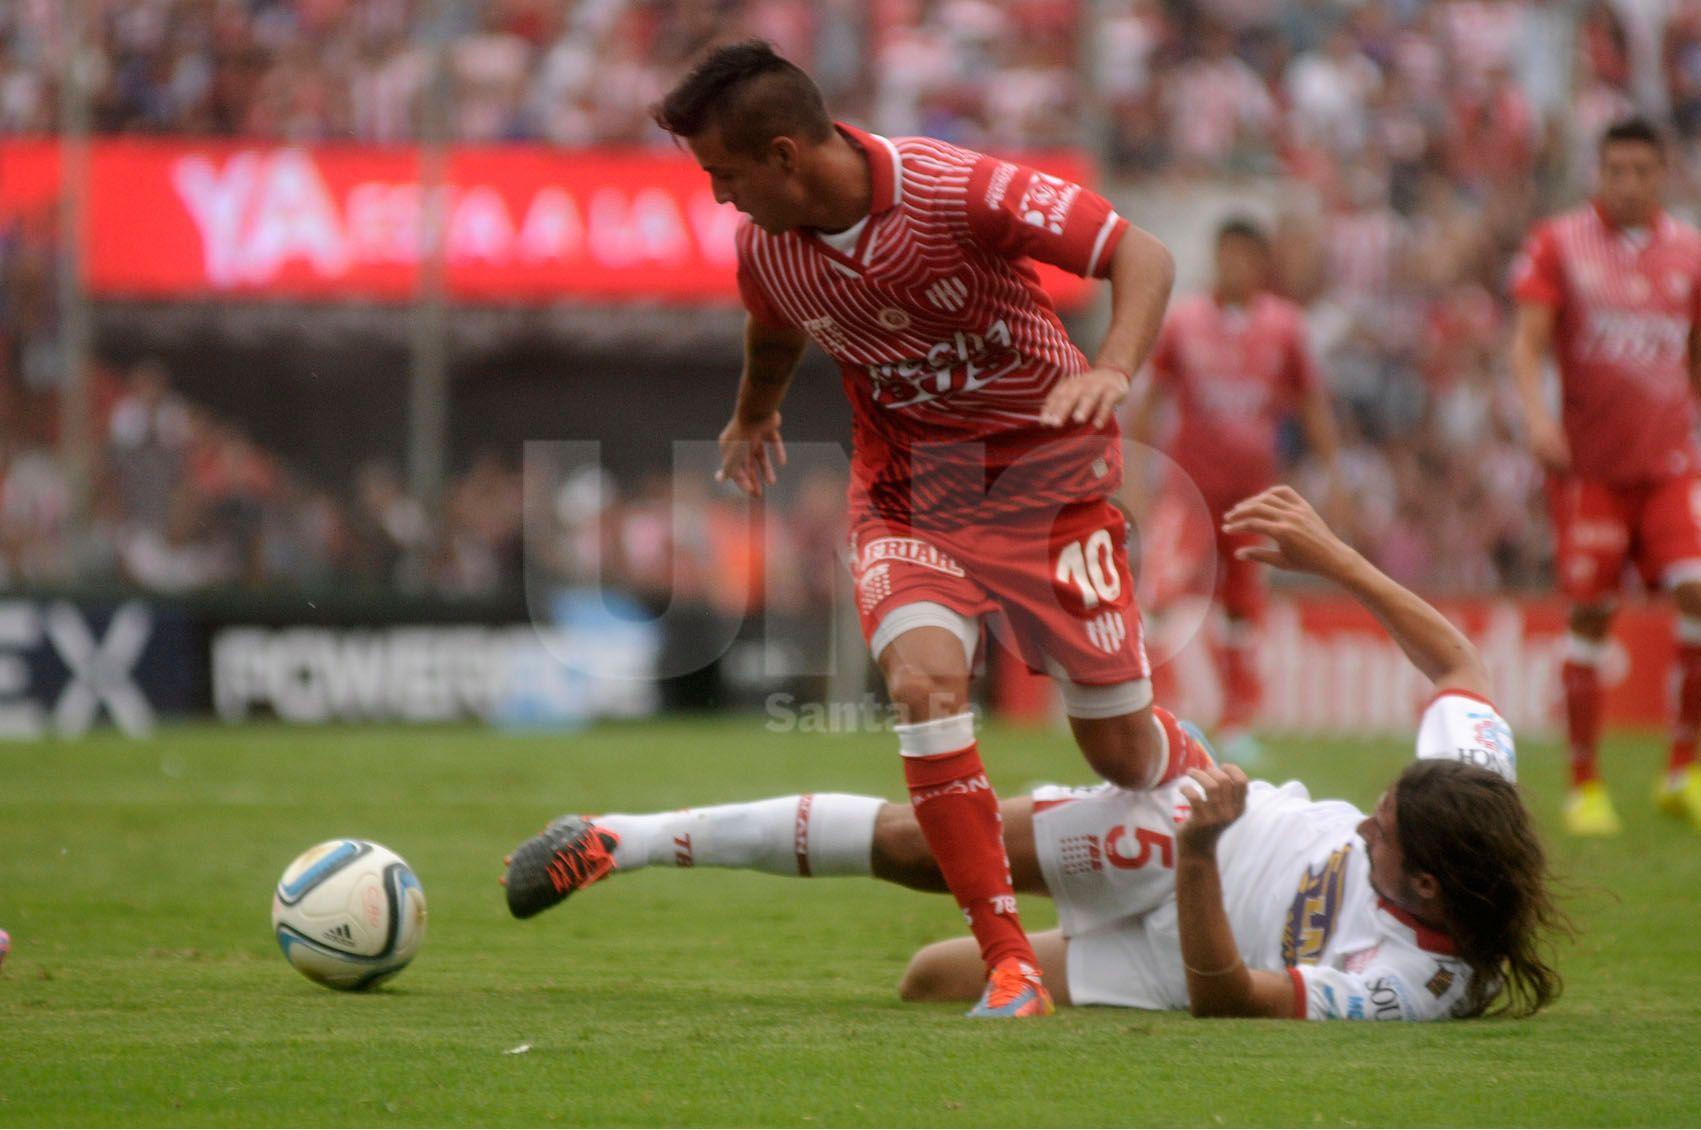 """El último partido que jugó el """"10"""" fueron 6 minutos con Vélez. / Juan M. Baialardo."""